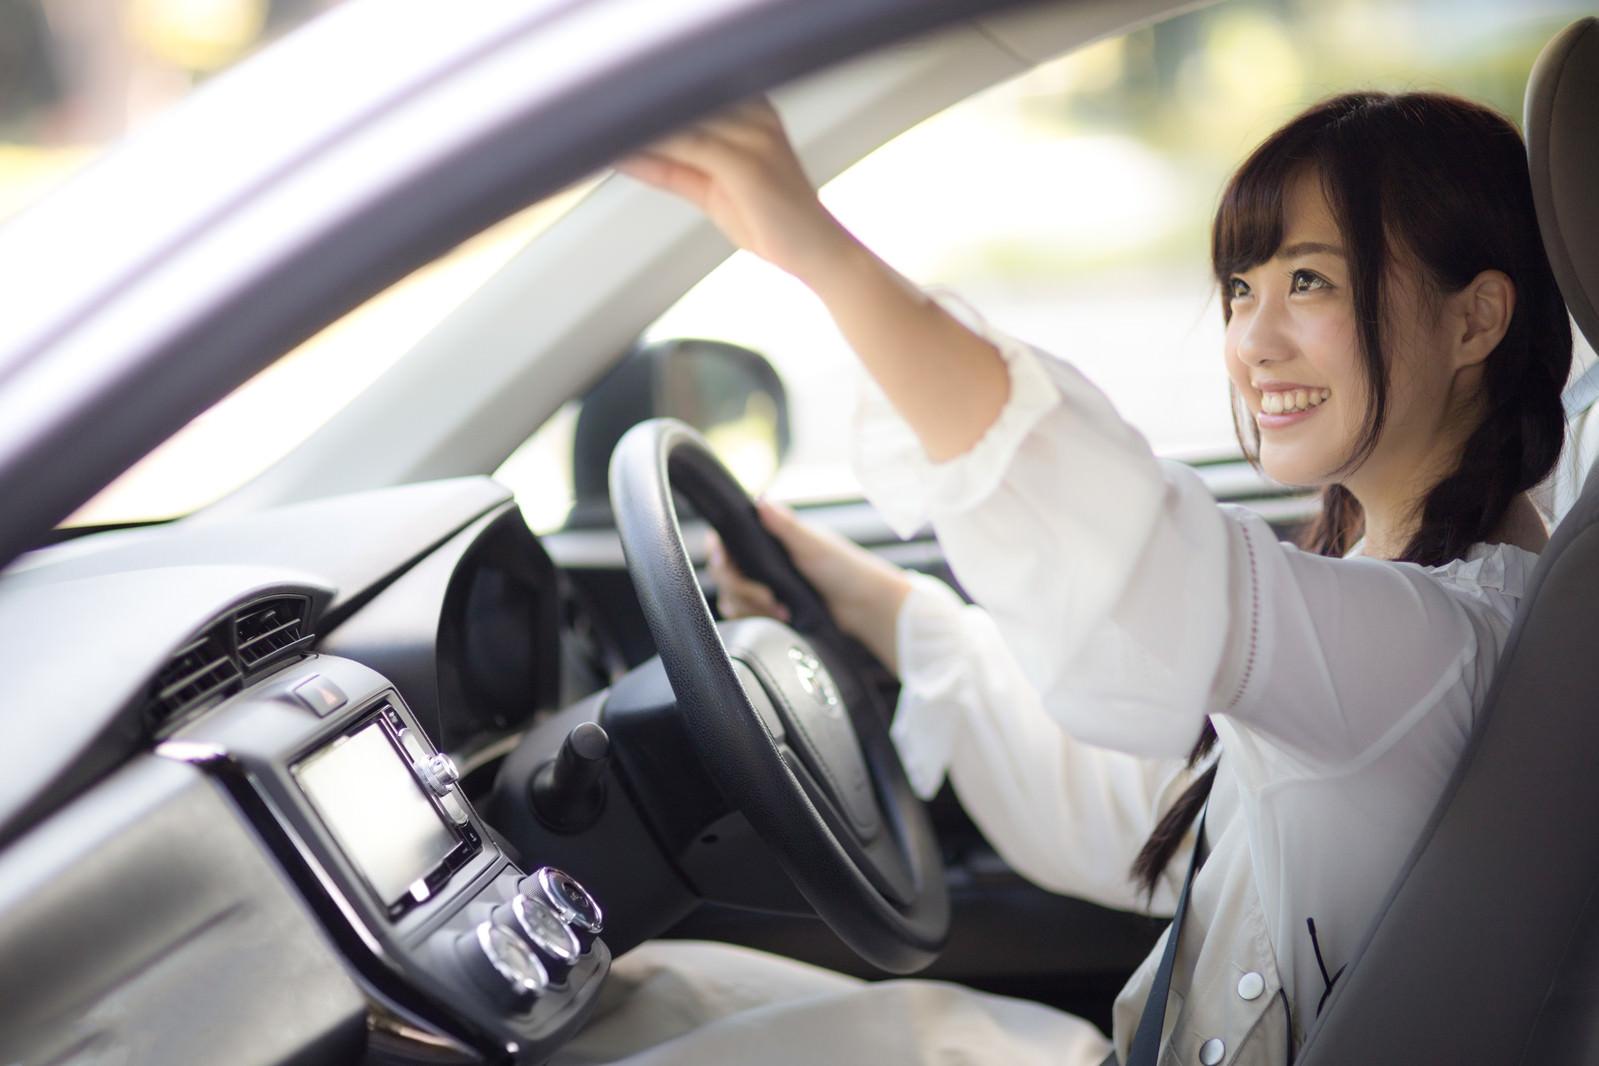 「車内のバックミラーを調整する女子車内のバックミラーを調整する女子」[モデル:河村友歌]のフリー写真素材を拡大